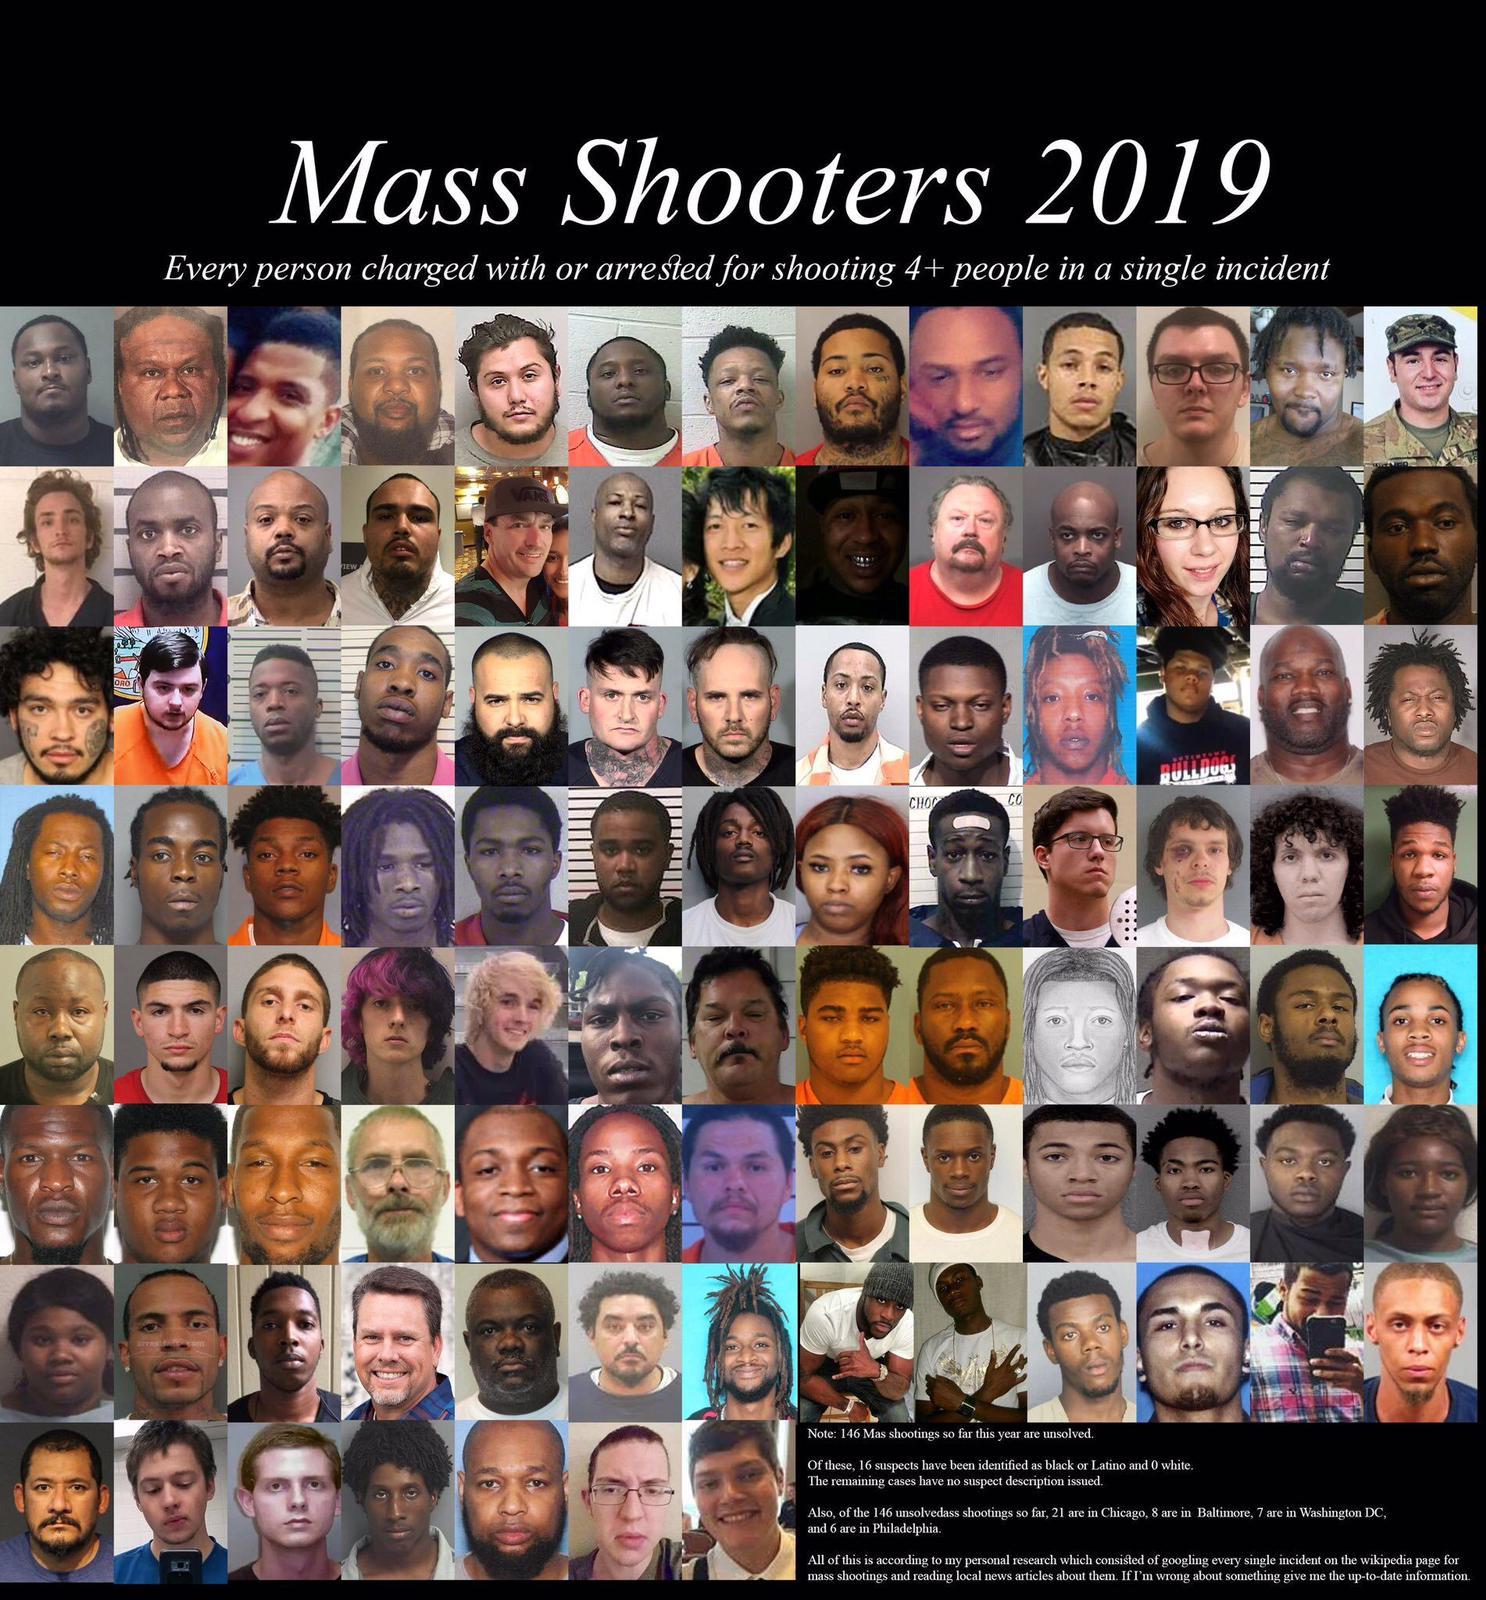 massshooters2019.jpeg